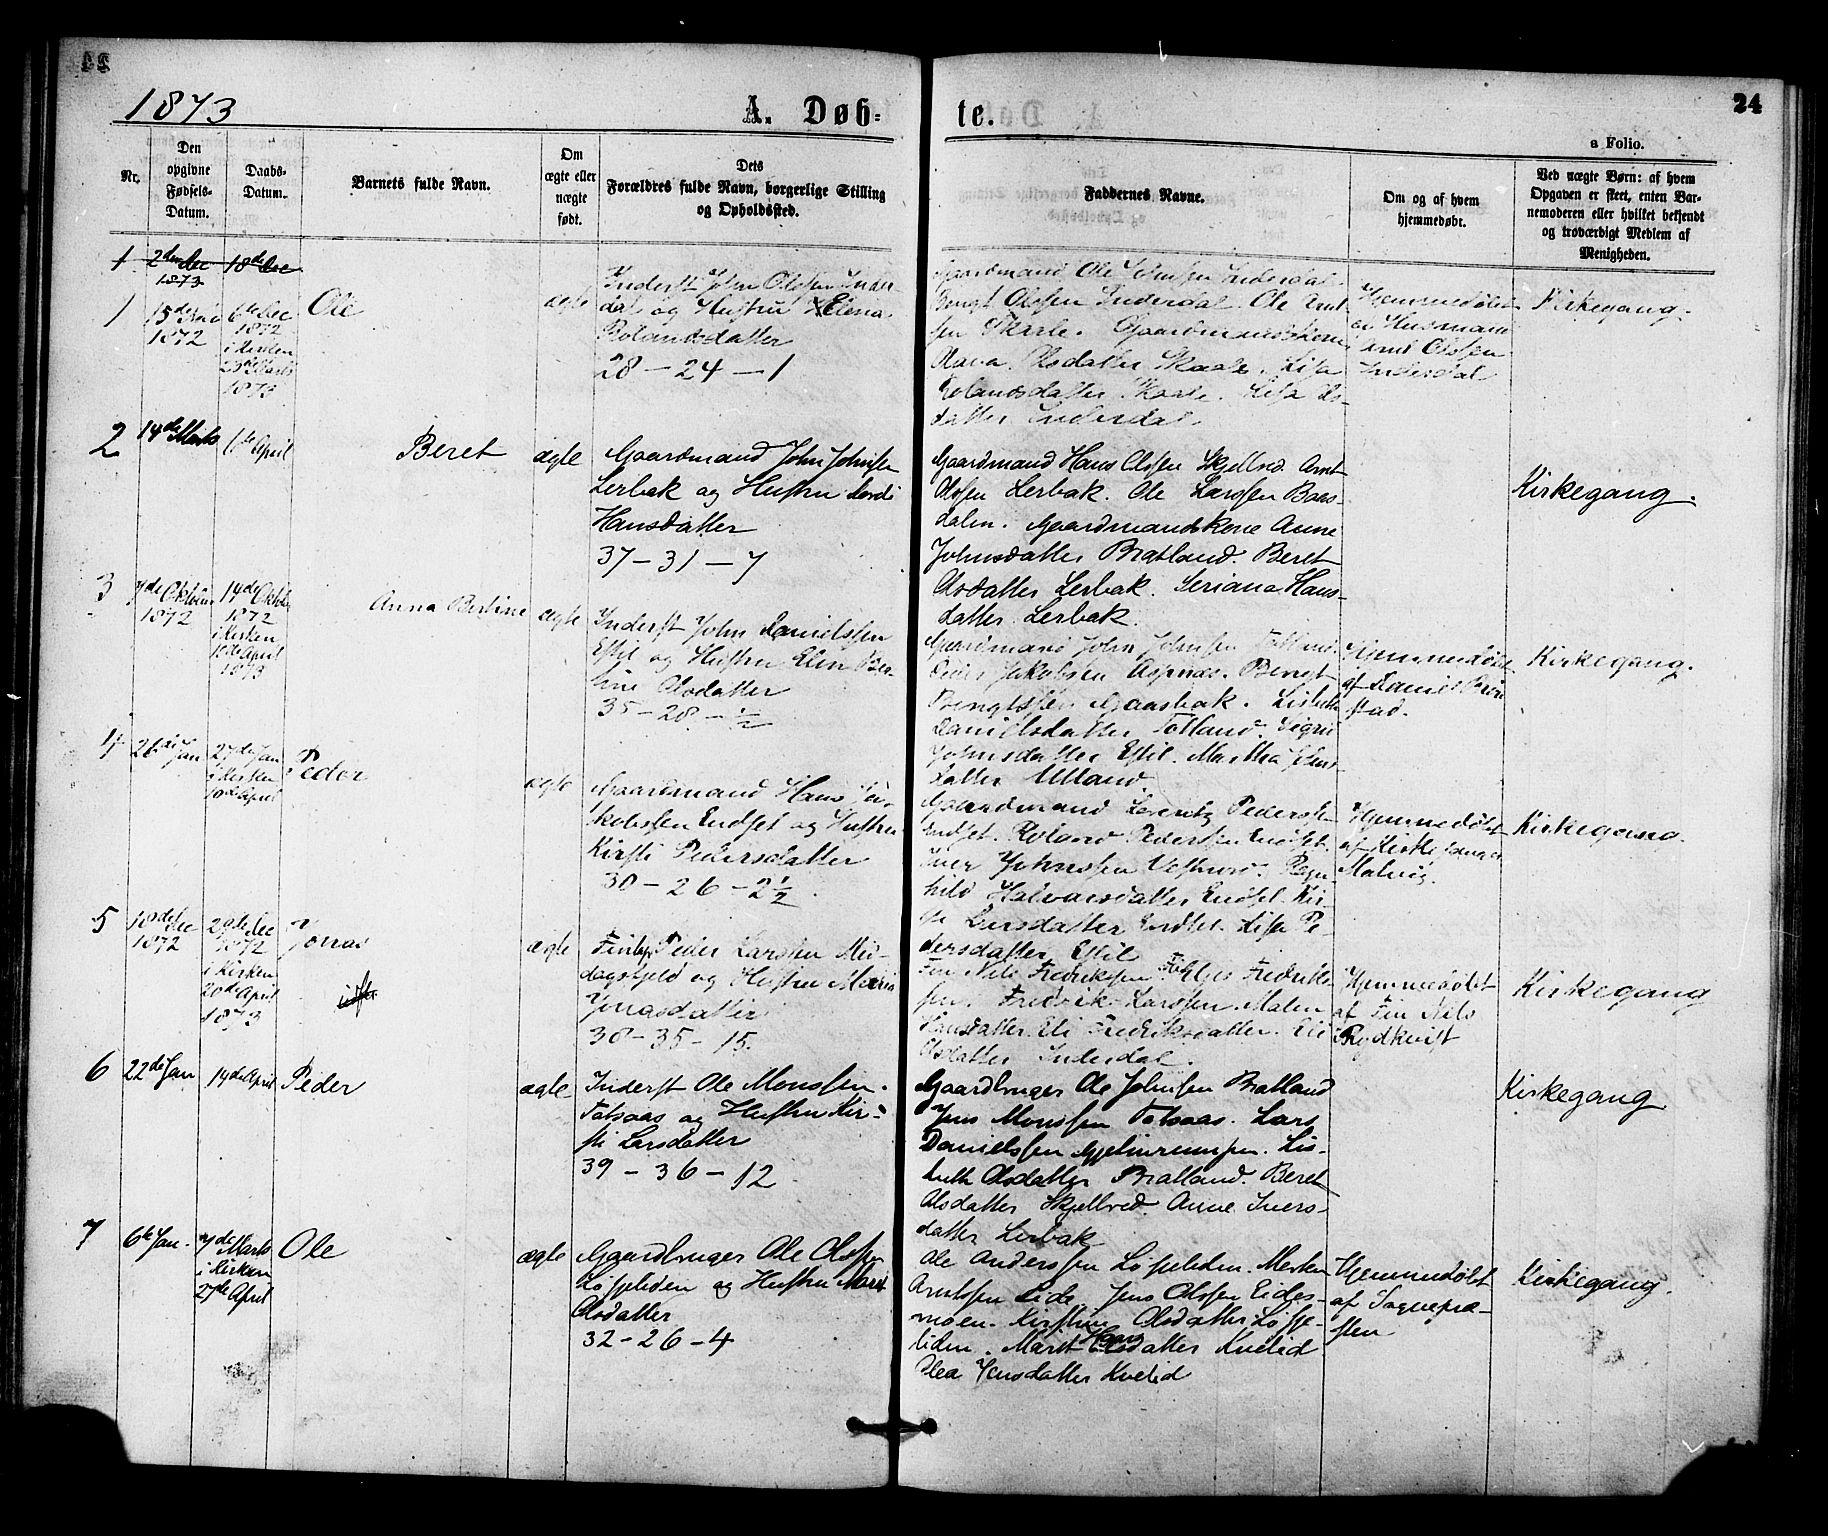 SAT, Ministerialprotokoller, klokkerbøker og fødselsregistre - Nord-Trøndelag, 755/L0493: Ministerialbok nr. 755A02, 1865-1881, s. 24